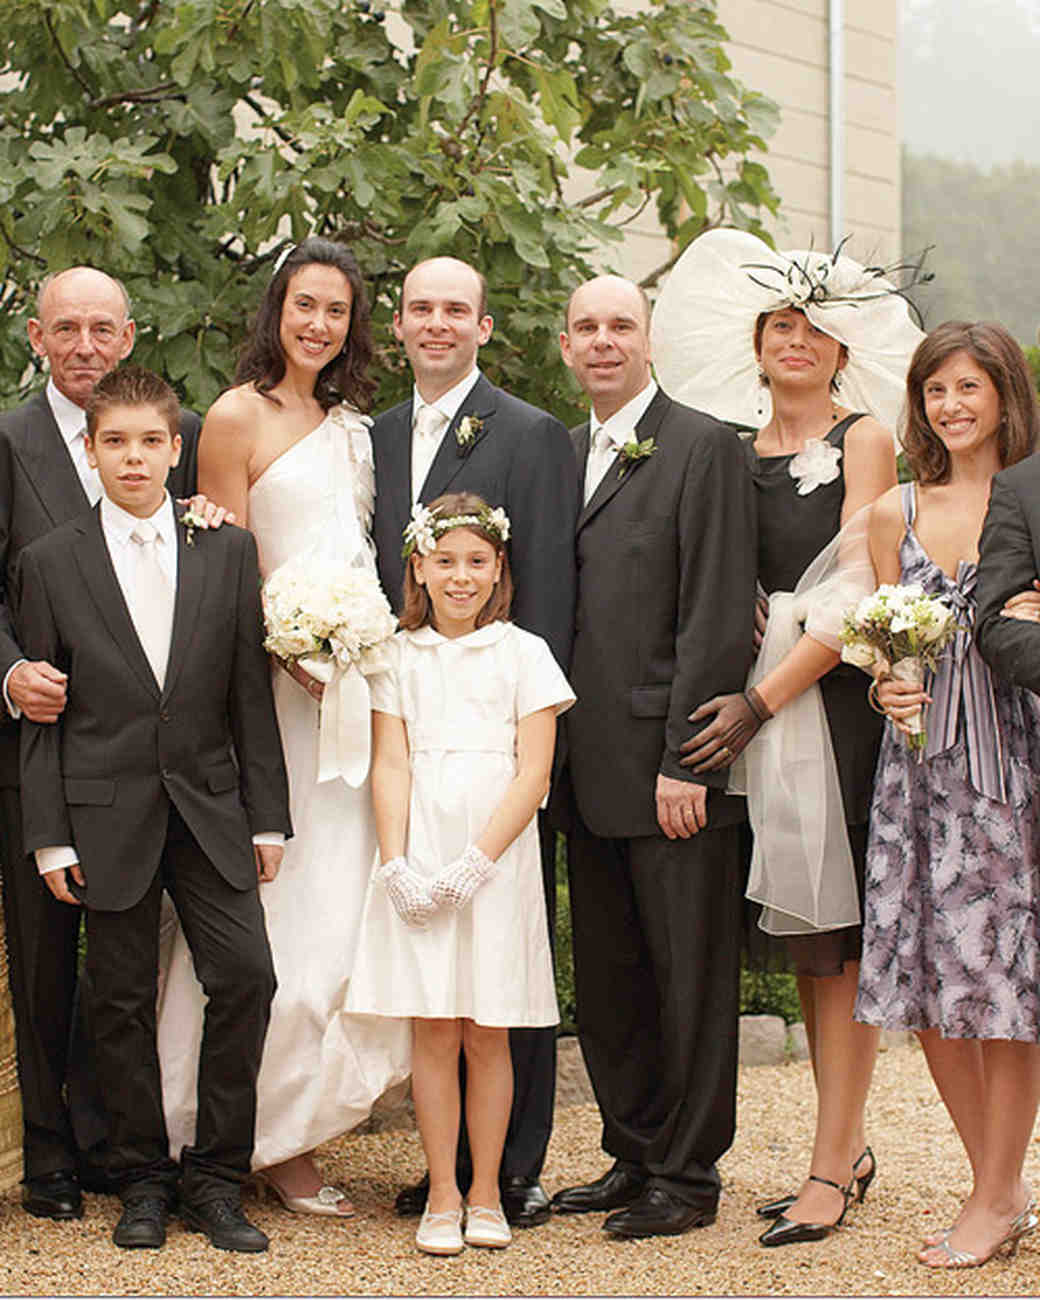 mw104516_0110_family.jpg